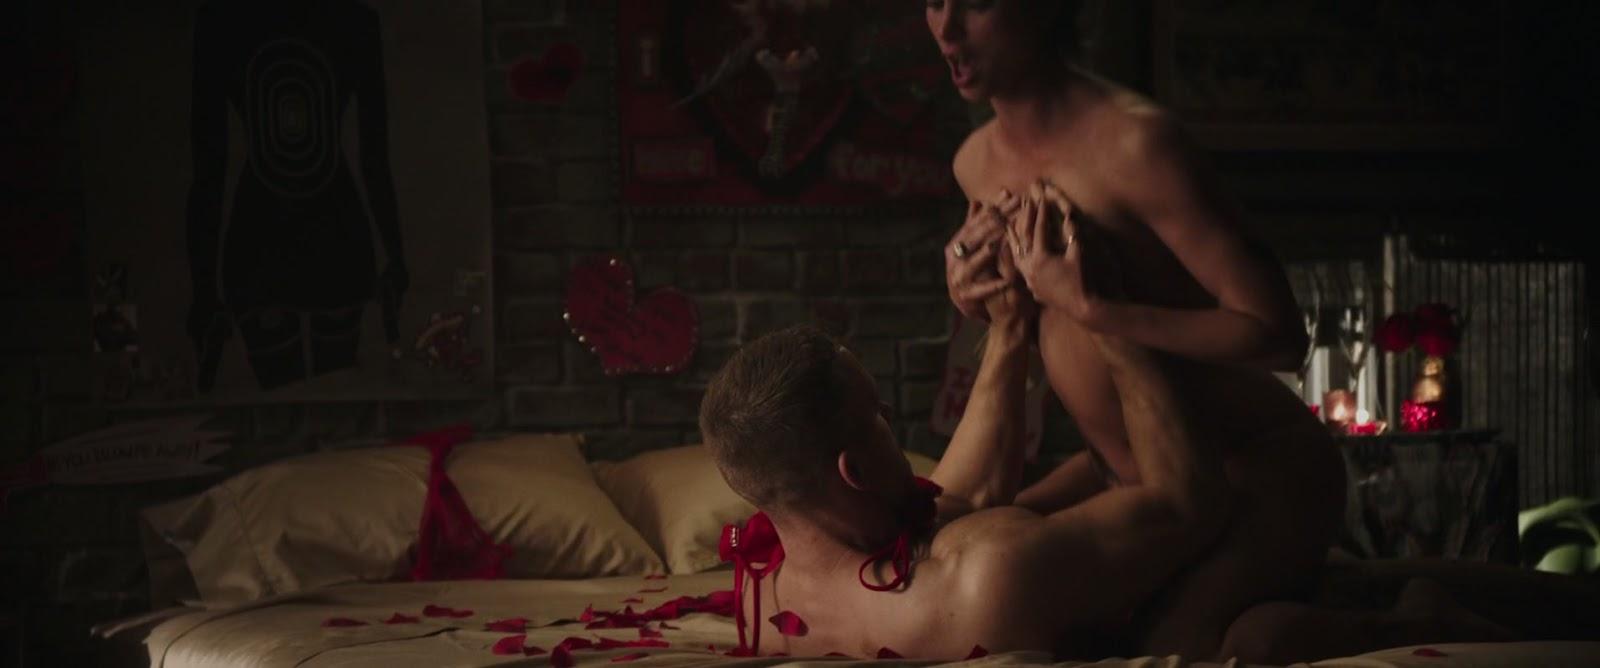 eroticheskoe-video-orgazm